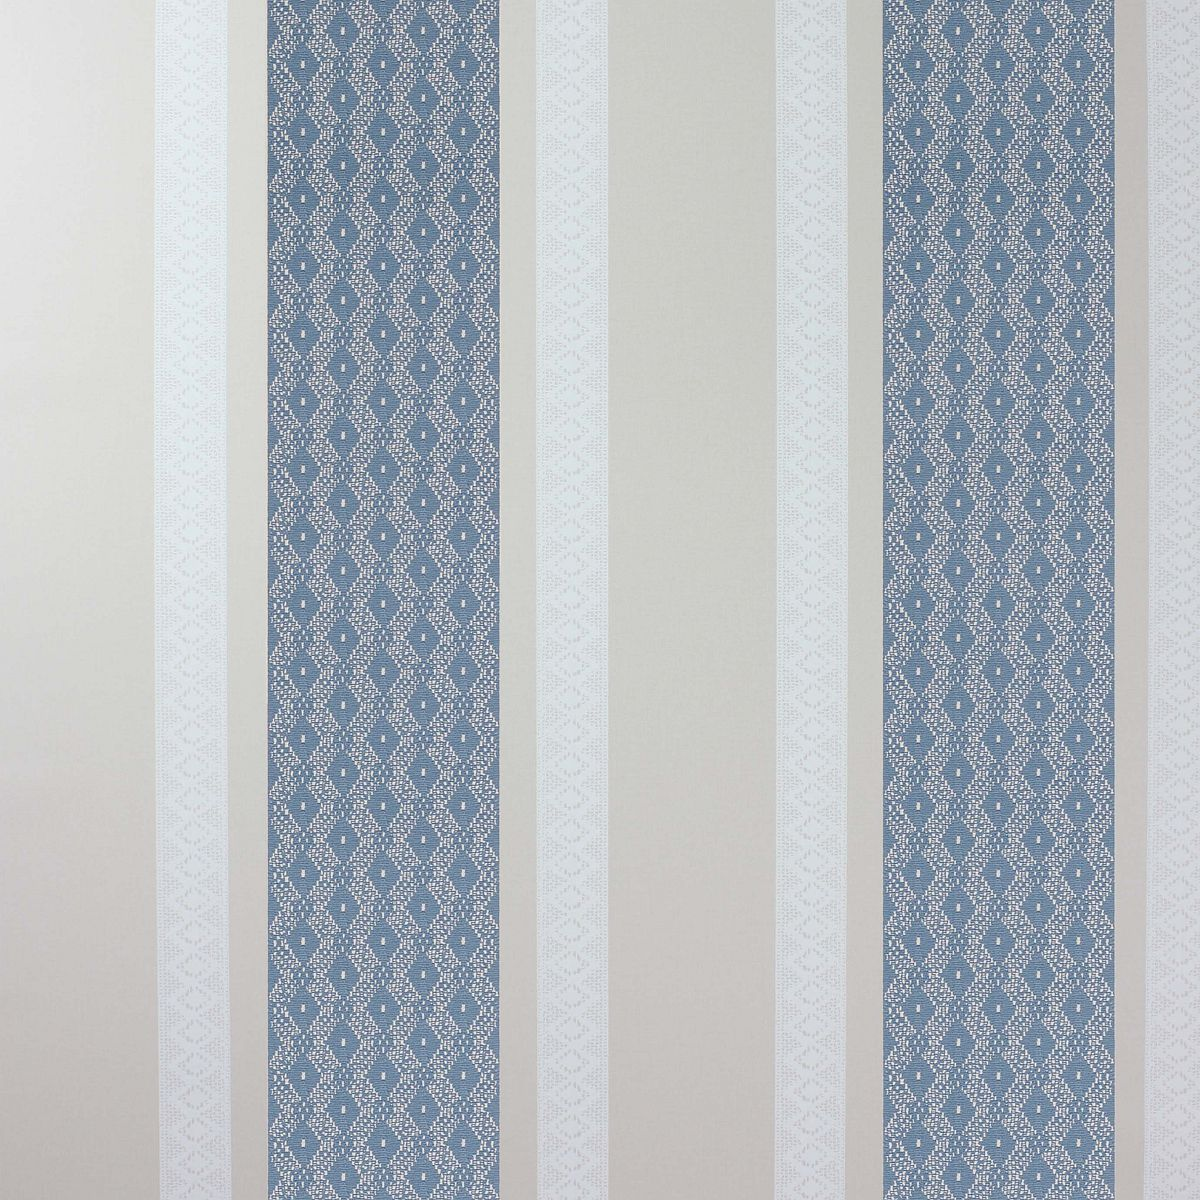 hochwertige tapeten und stoffe papiertapete osborne little verdanta wallpapers w6595 04. Black Bedroom Furniture Sets. Home Design Ideas